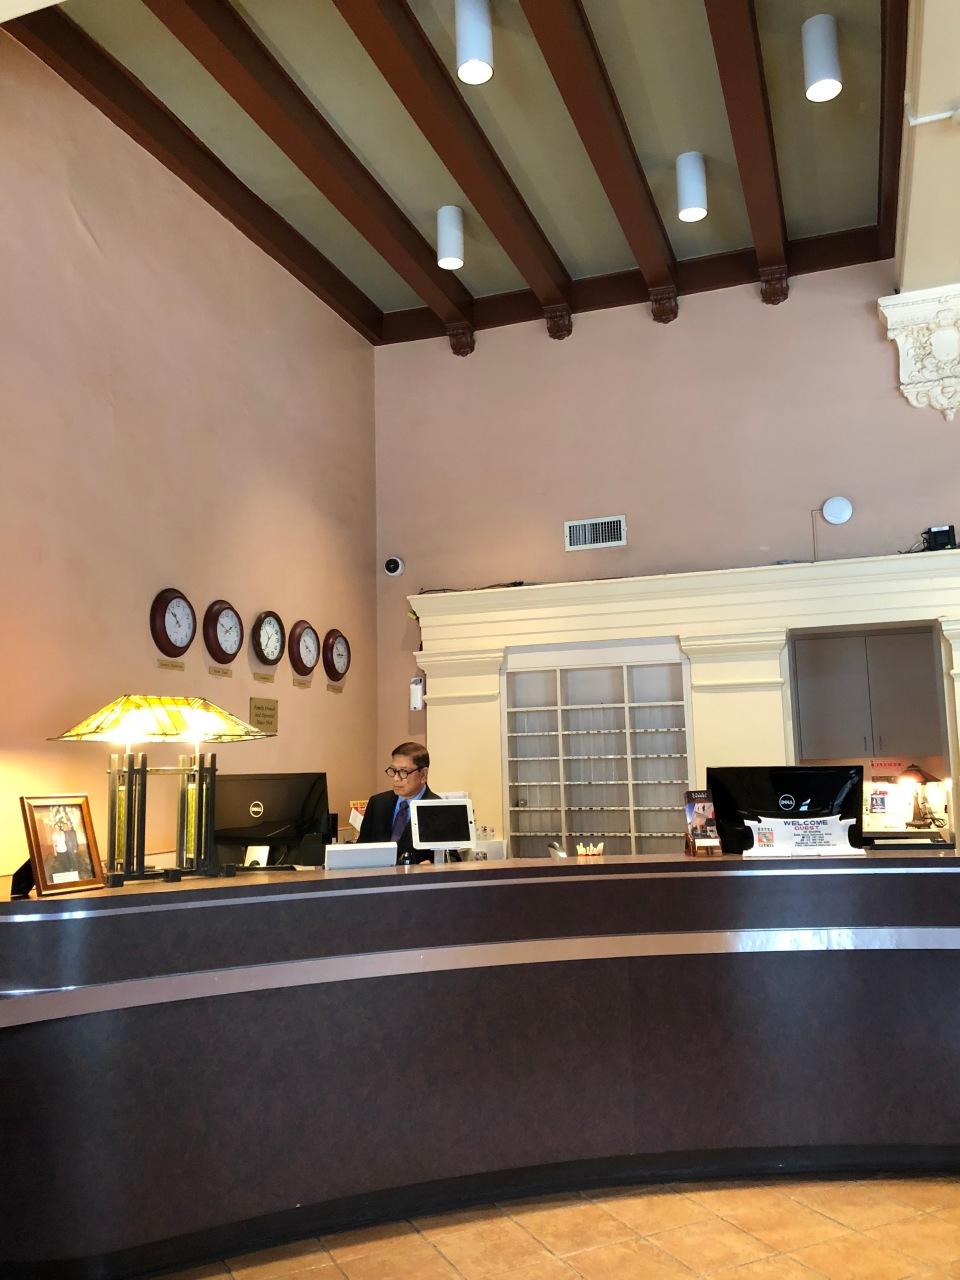 Hotel Carmel in Santa Monica